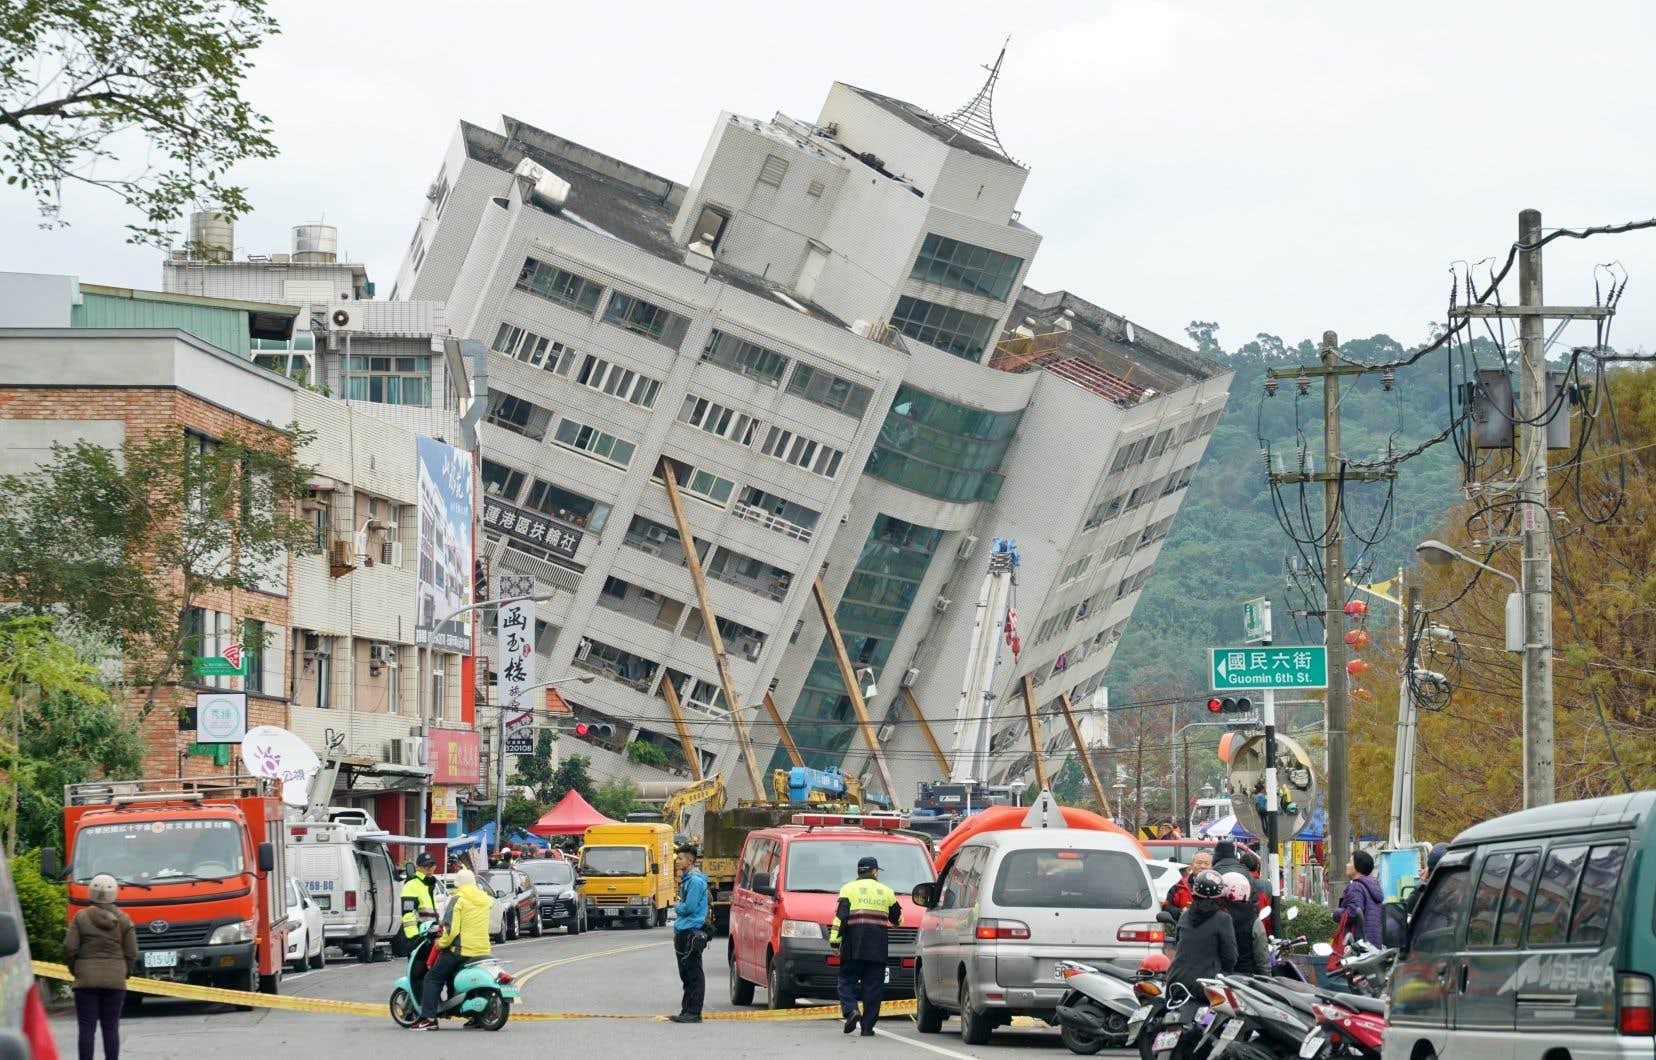 <p>Un complexe résidentielpenchait dangereusement et c'est là que les secouristes ont longtemps concentré leurs efforts.</p>